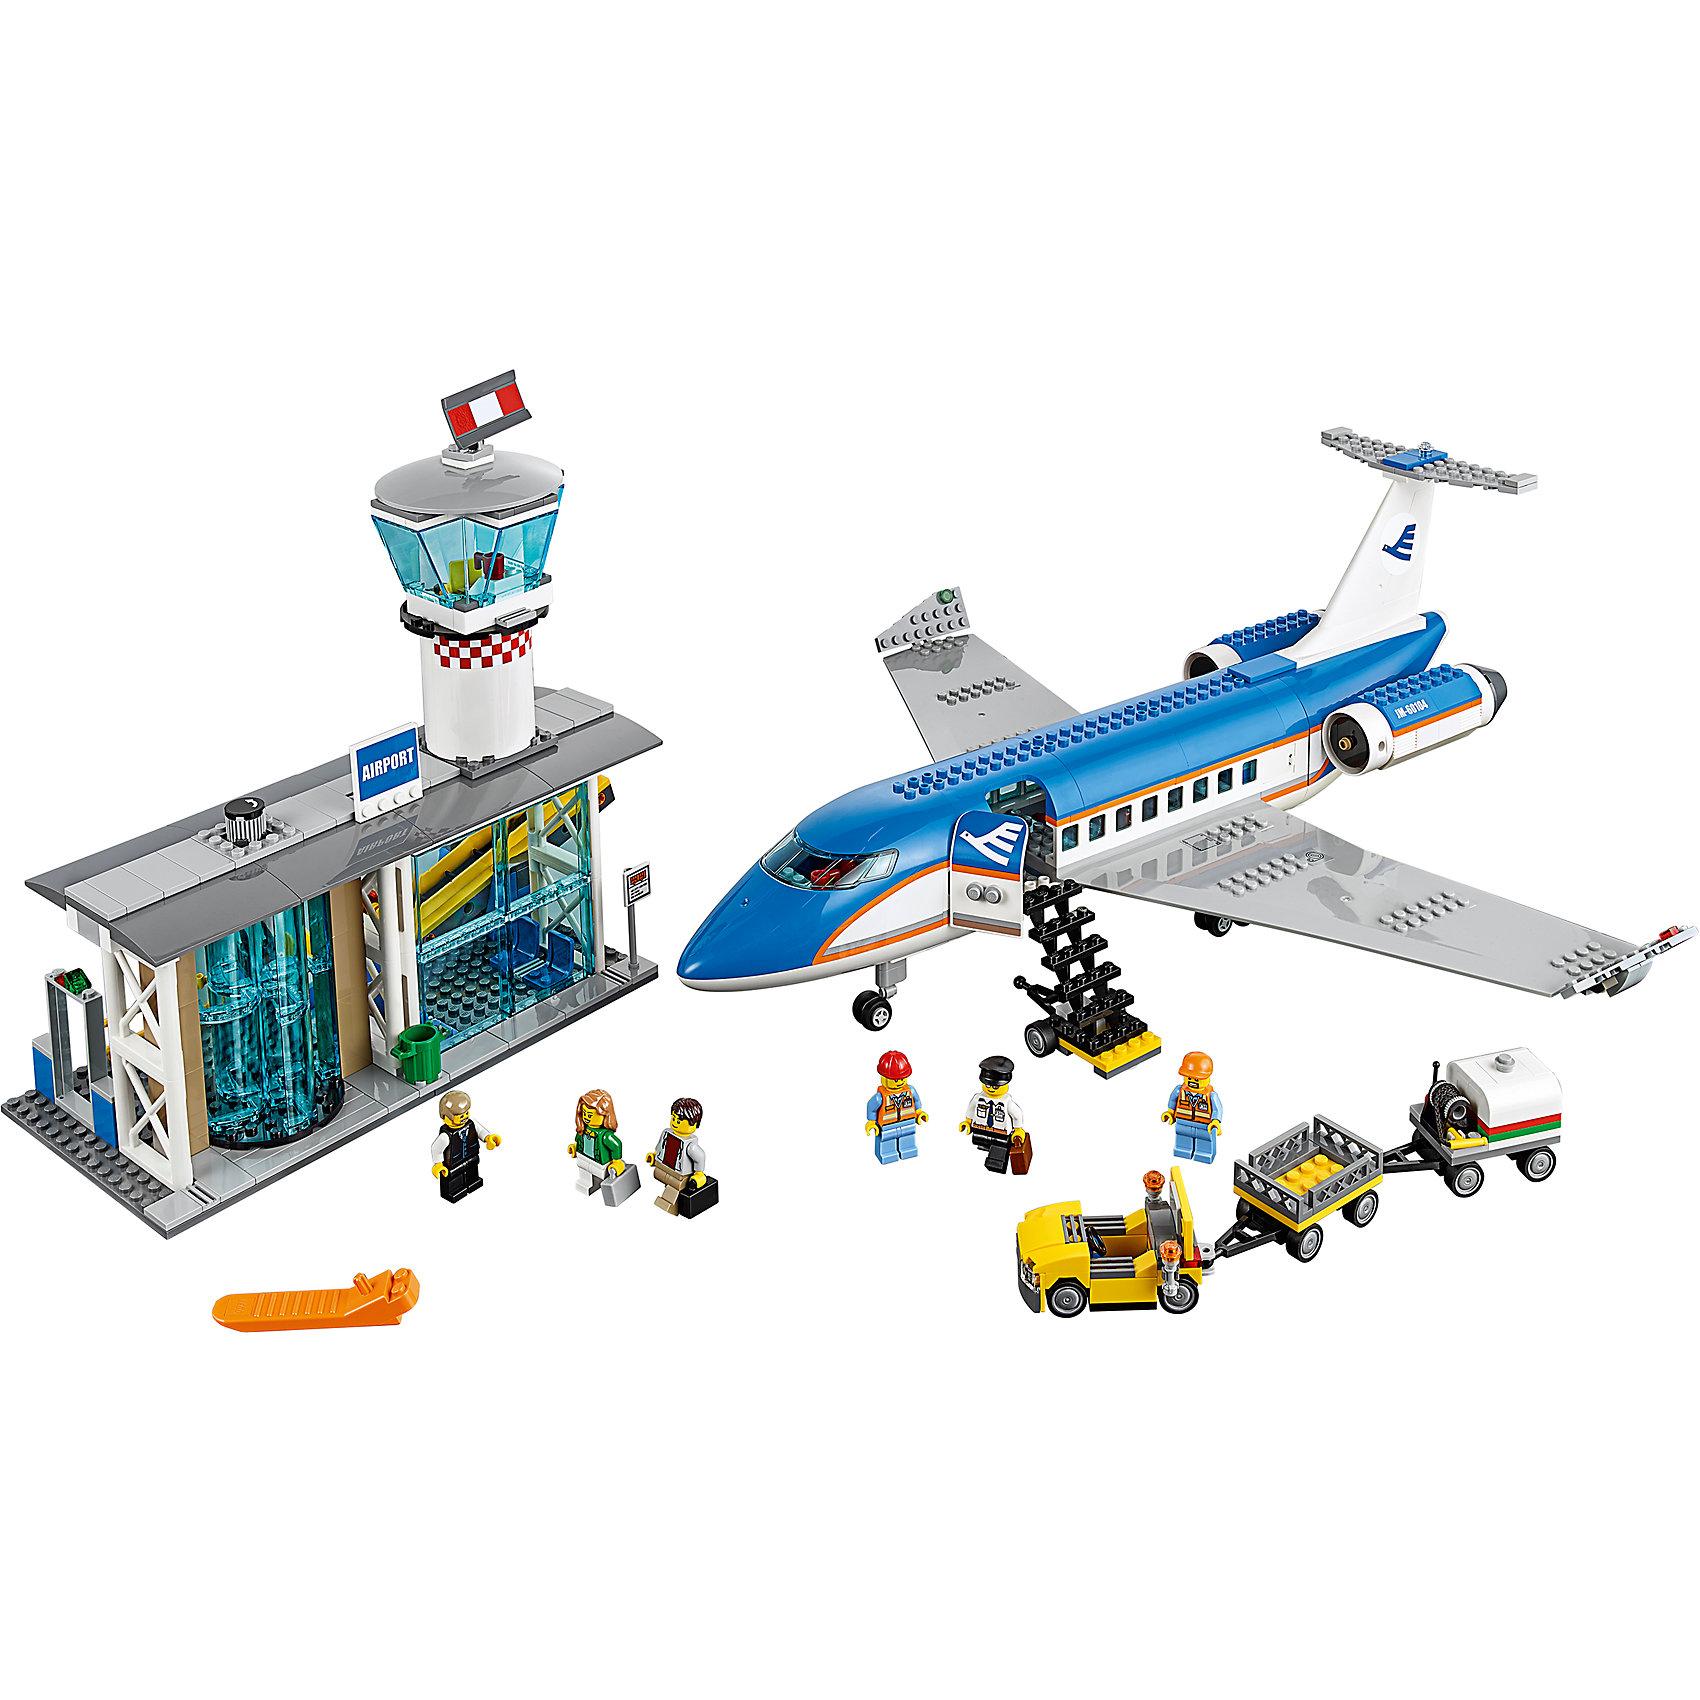 LEGO City 60104: Пассажирский терминал аэропортаХочешь совершить путешествие на самолете? Скорее входи в прозрачные вращающиеся двери, регистрируйся на рейс, сдавай чемоданы в багаж, немного подожди в зоне ожидания, а потом проходи на посадку. Хорошего полета! <br><br>LEGO City (ЛЕГО Сити) - серия детских конструкторов ЛЕГО, с помощью которого ваш ребенок может погрузиться в мир мегаполиса. Эта серия поможет ребенку понять, как устроена жизнь города, какие функции выполняют те или иные люди и техника. Предлагает на выбор огромное множество профессий, сфер деятельности и ситуаций, связанных с ними.<br><br>Дополнительная информация:<br><br>- Конструкторы ЛЕГО развивают усидчивость, внимание, фантазию и мелкую моторику. <br>- 6 минифигурок.<br>- Количество деталей: 694. <br>- Комплектация: 6 минифигурок, самолет, вход в аэропорт, служебный автомобиль для перевозки багажа, аксессуары.<br>- Серия ЛЕГО Сити (LEGO City).<br>- Материал: пластик.<br>- Размер упаковки: 48x37,8x9,4 см.<br>- Вес: 2,11 кг.<br><br>Конструктор LEGO City 60104: Пассажирский терминал аэропорта можно купить в нашем магазине.<br><br>Ширина мм: 481<br>Глубина мм: 378<br>Высота мм: 94<br>Вес г: 2110<br>Возраст от месяцев: 72<br>Возраст до месяцев: 144<br>Пол: Мужской<br>Возраст: Детский<br>SKU: 4641239